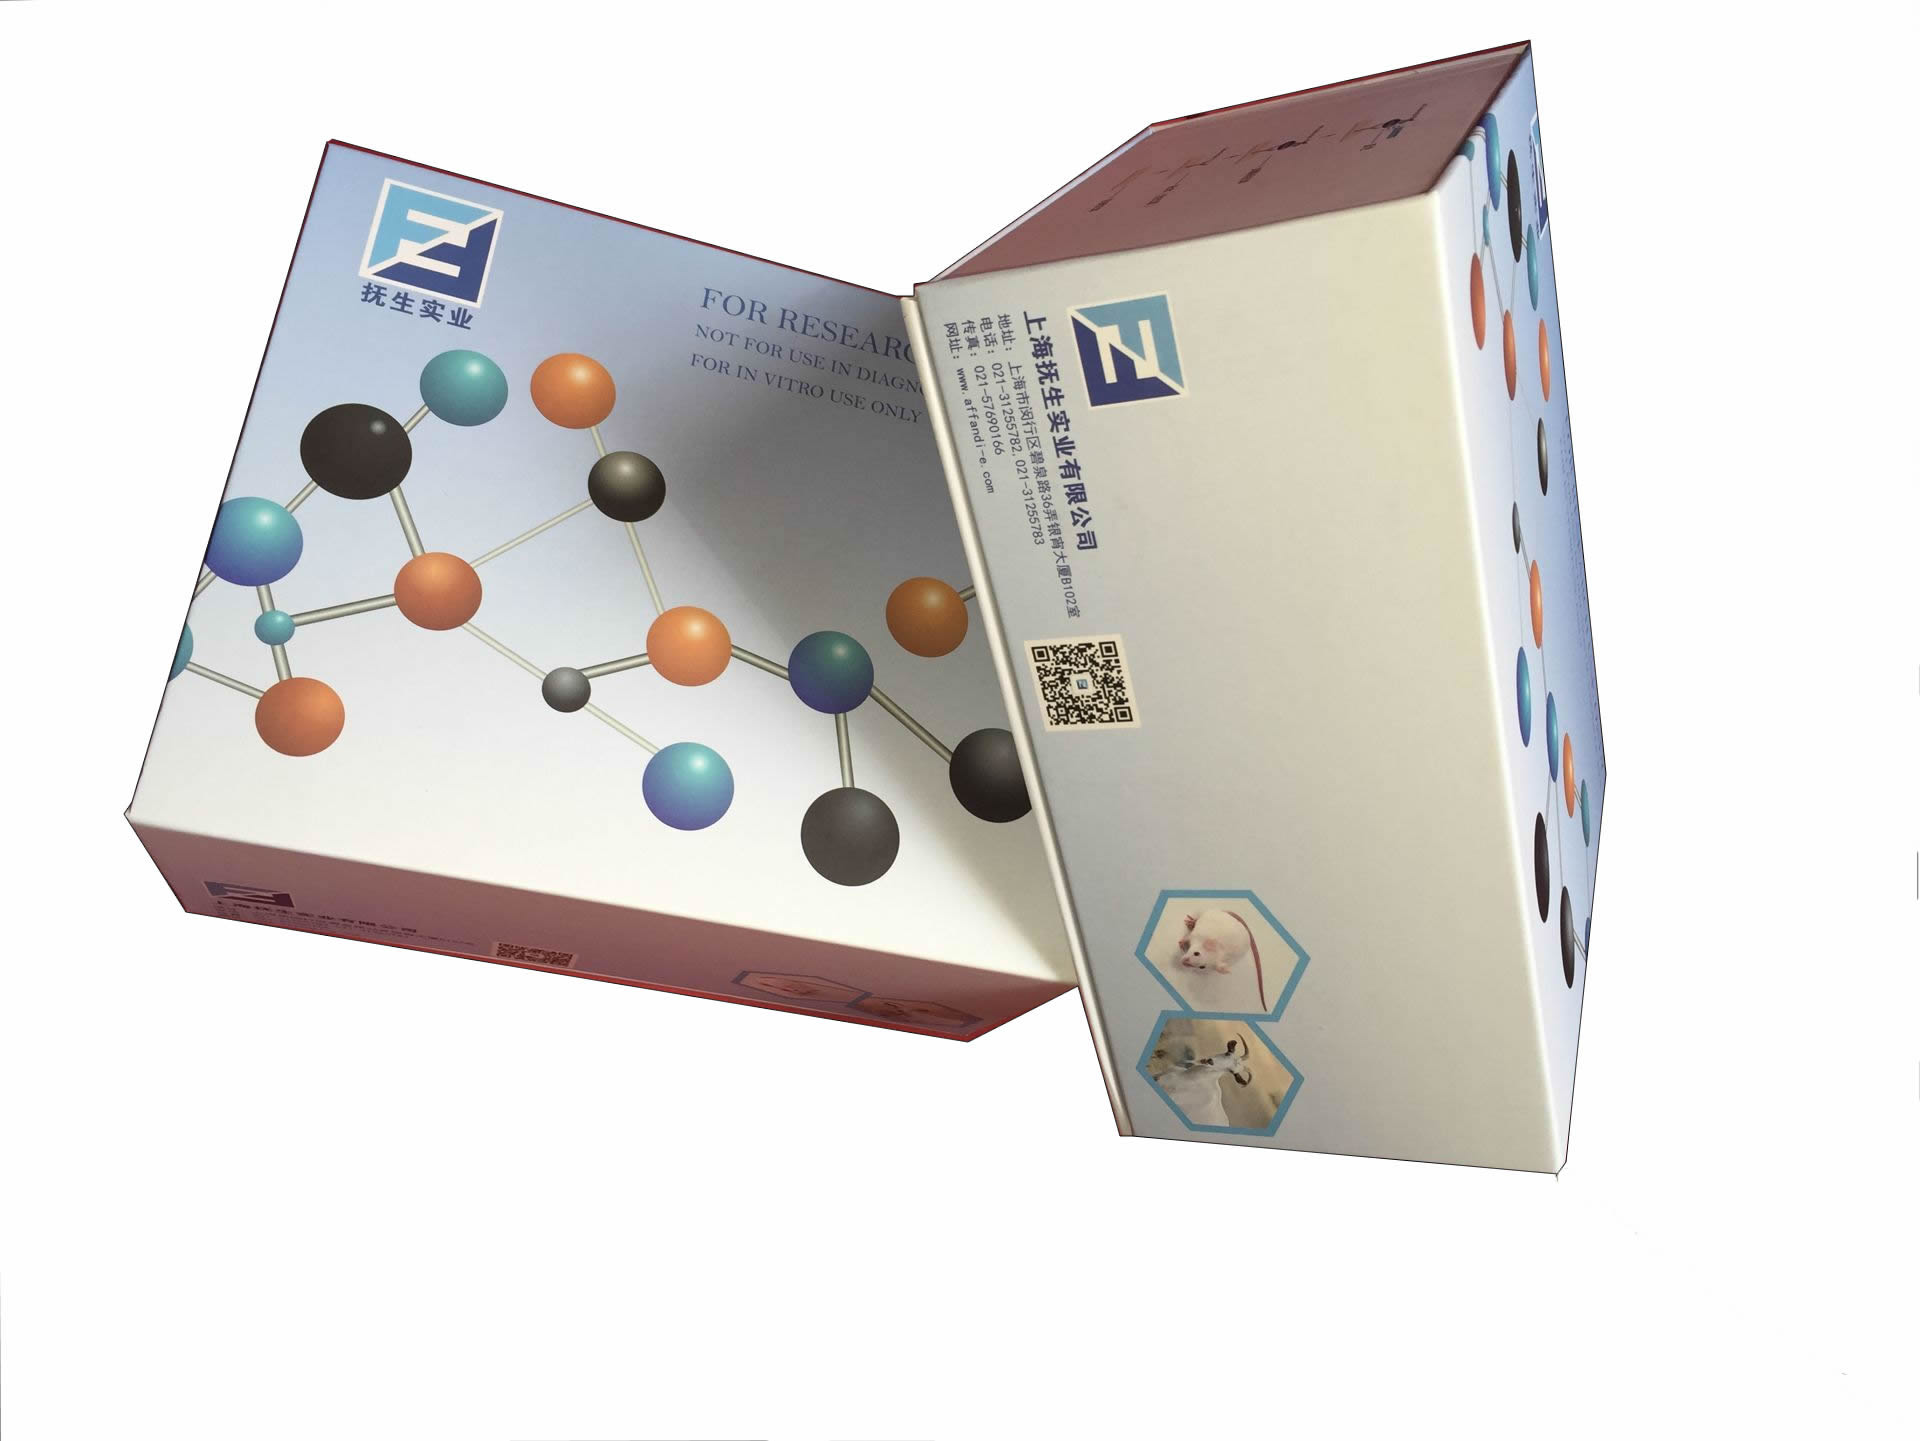 重組透明質酸檢測試劑盒????????